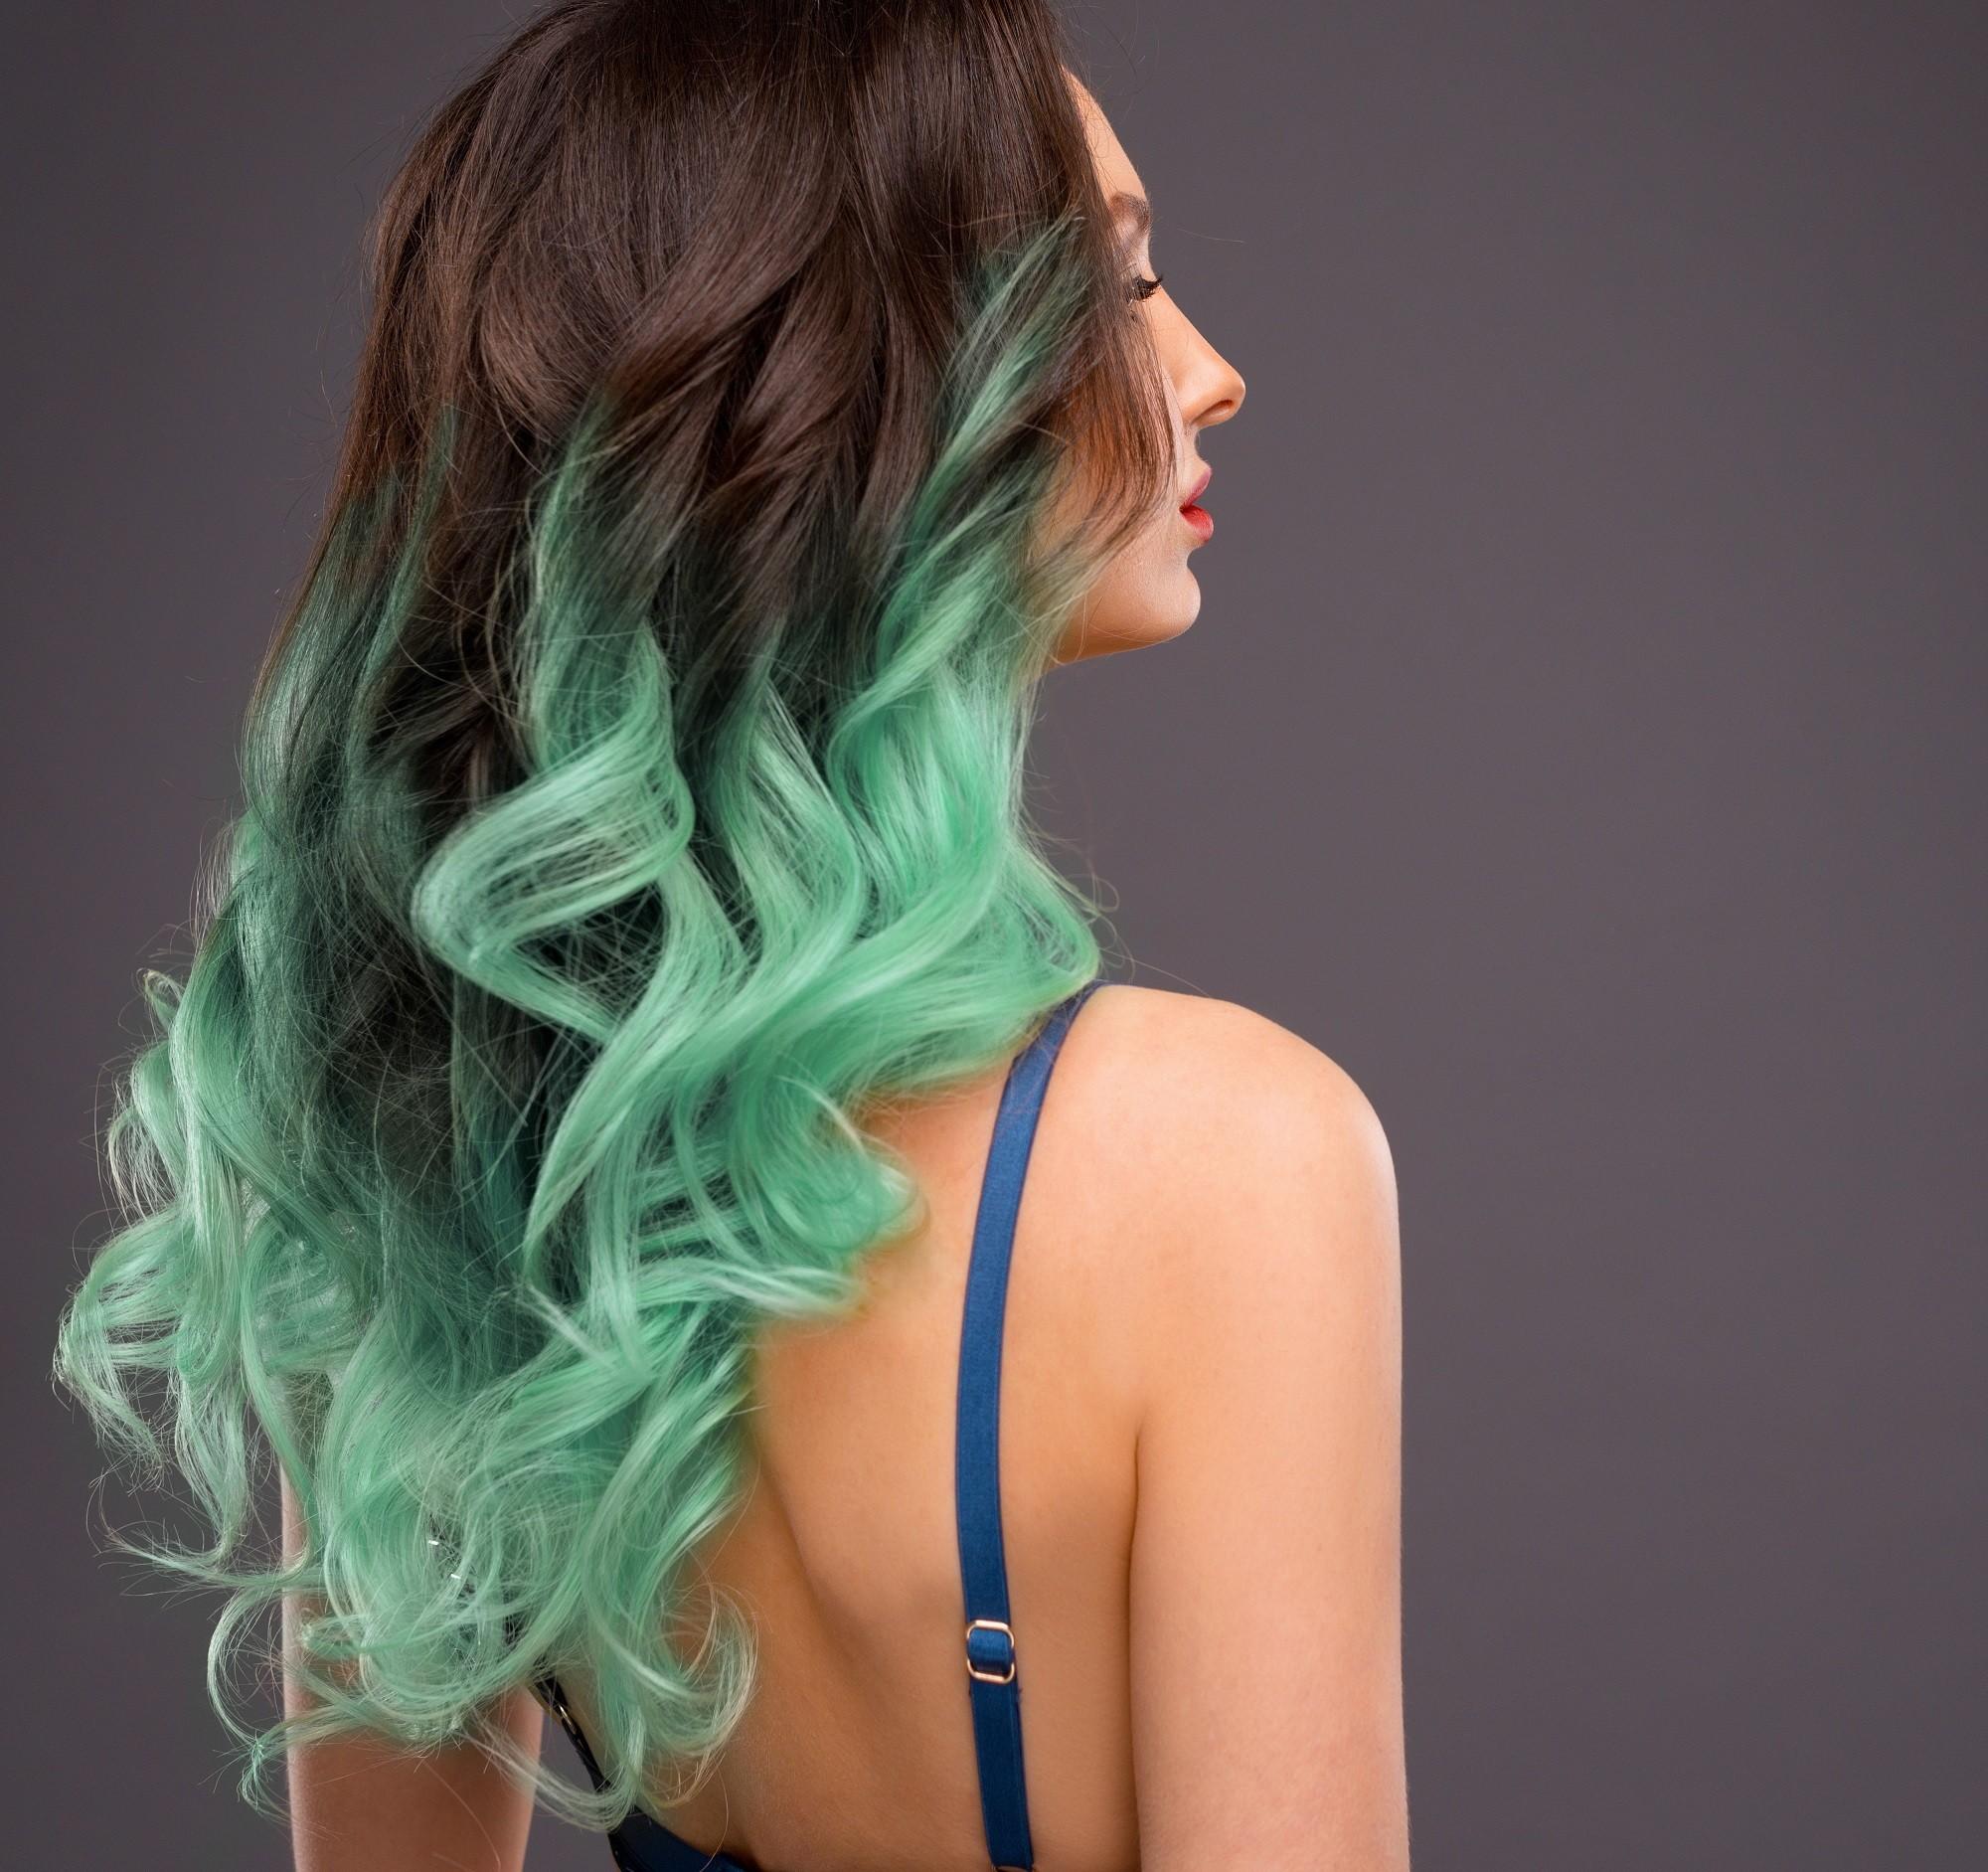 Mermaid hair ideas 3: Dip-dyed hair